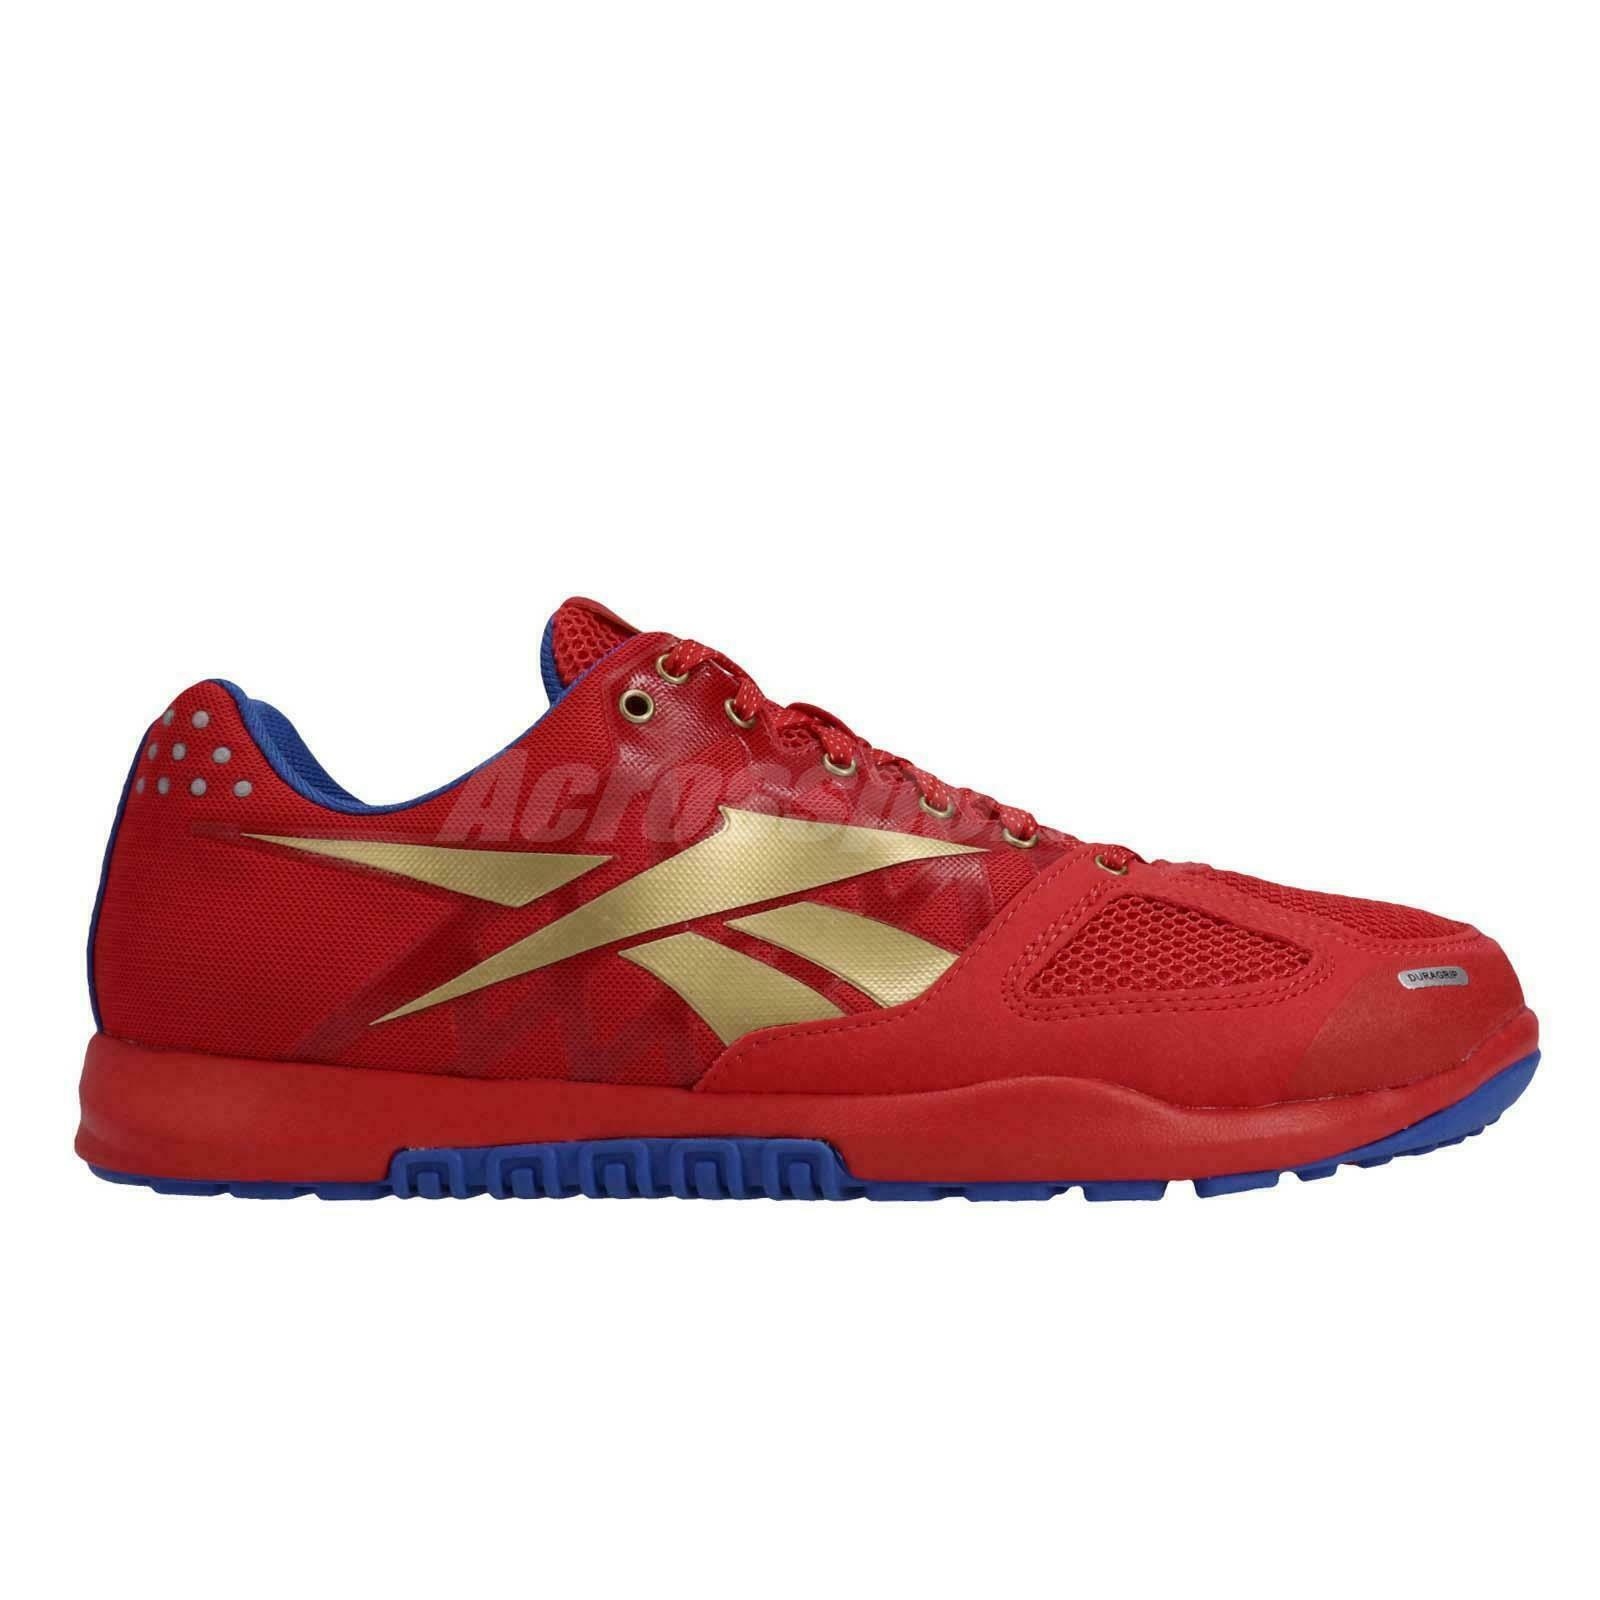 Nuevo Reebok R Crossfit Nano 2.0 para Hombre Zapatos de entrenamiento (DV5758) Rojo cobalto Tamaño 9